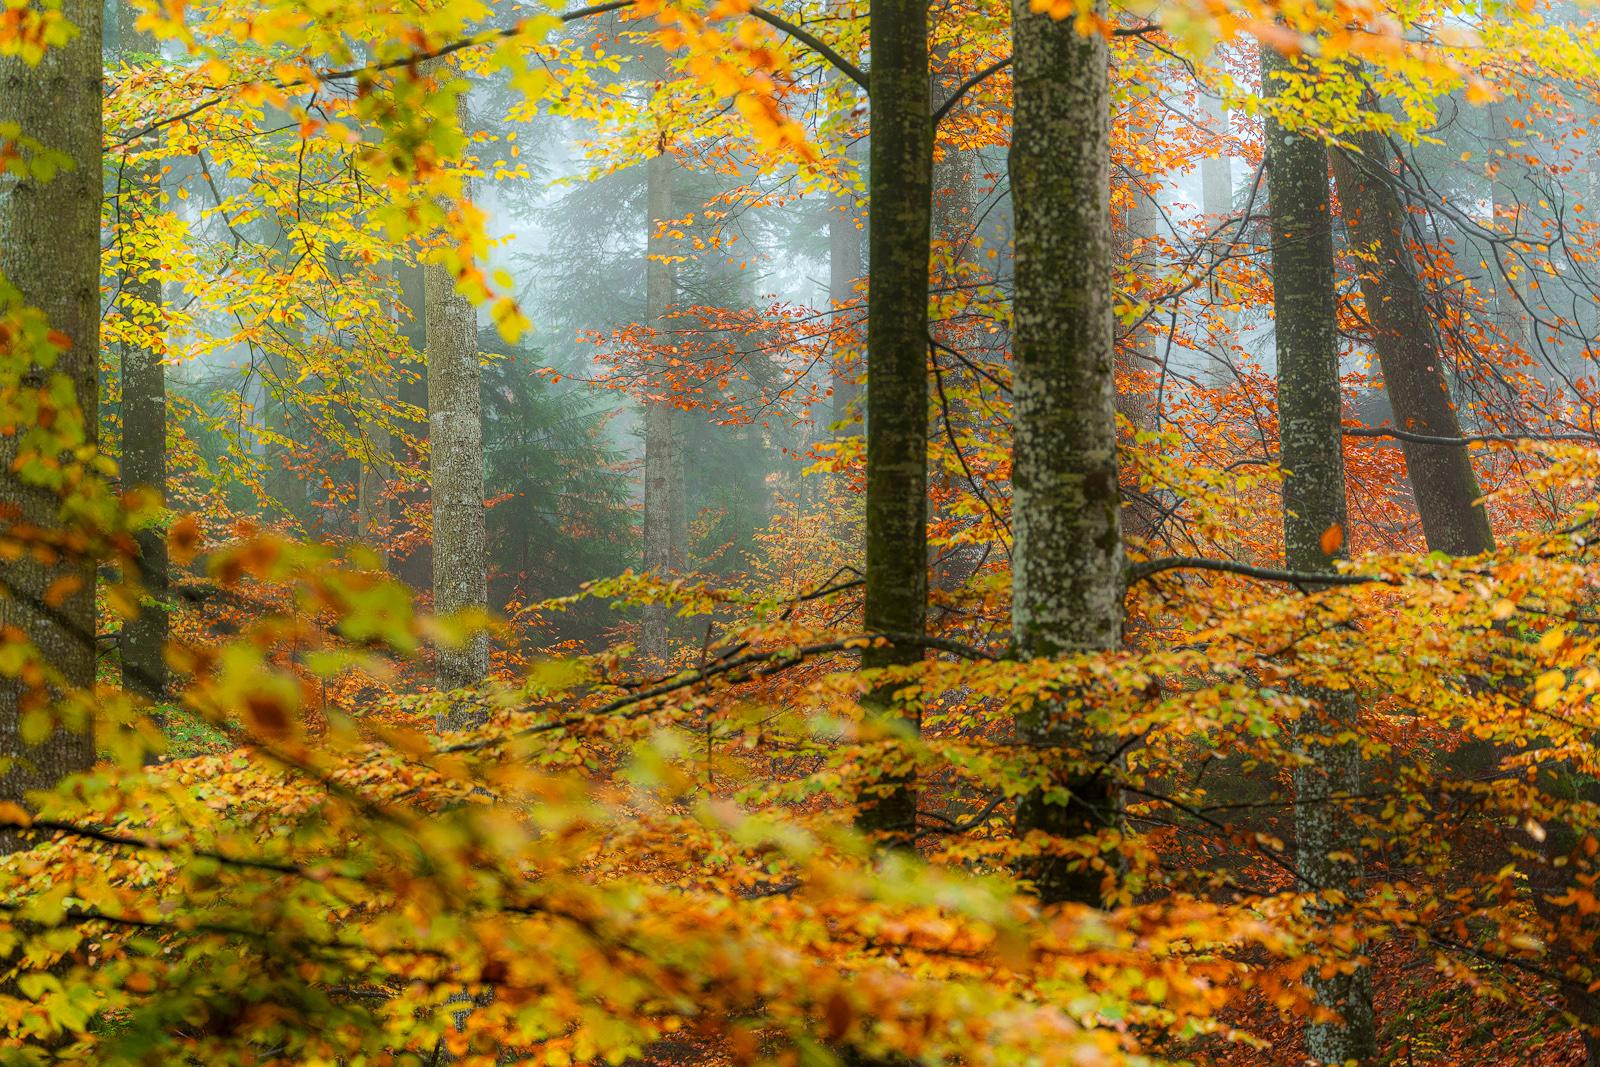 Nature - Photo 13